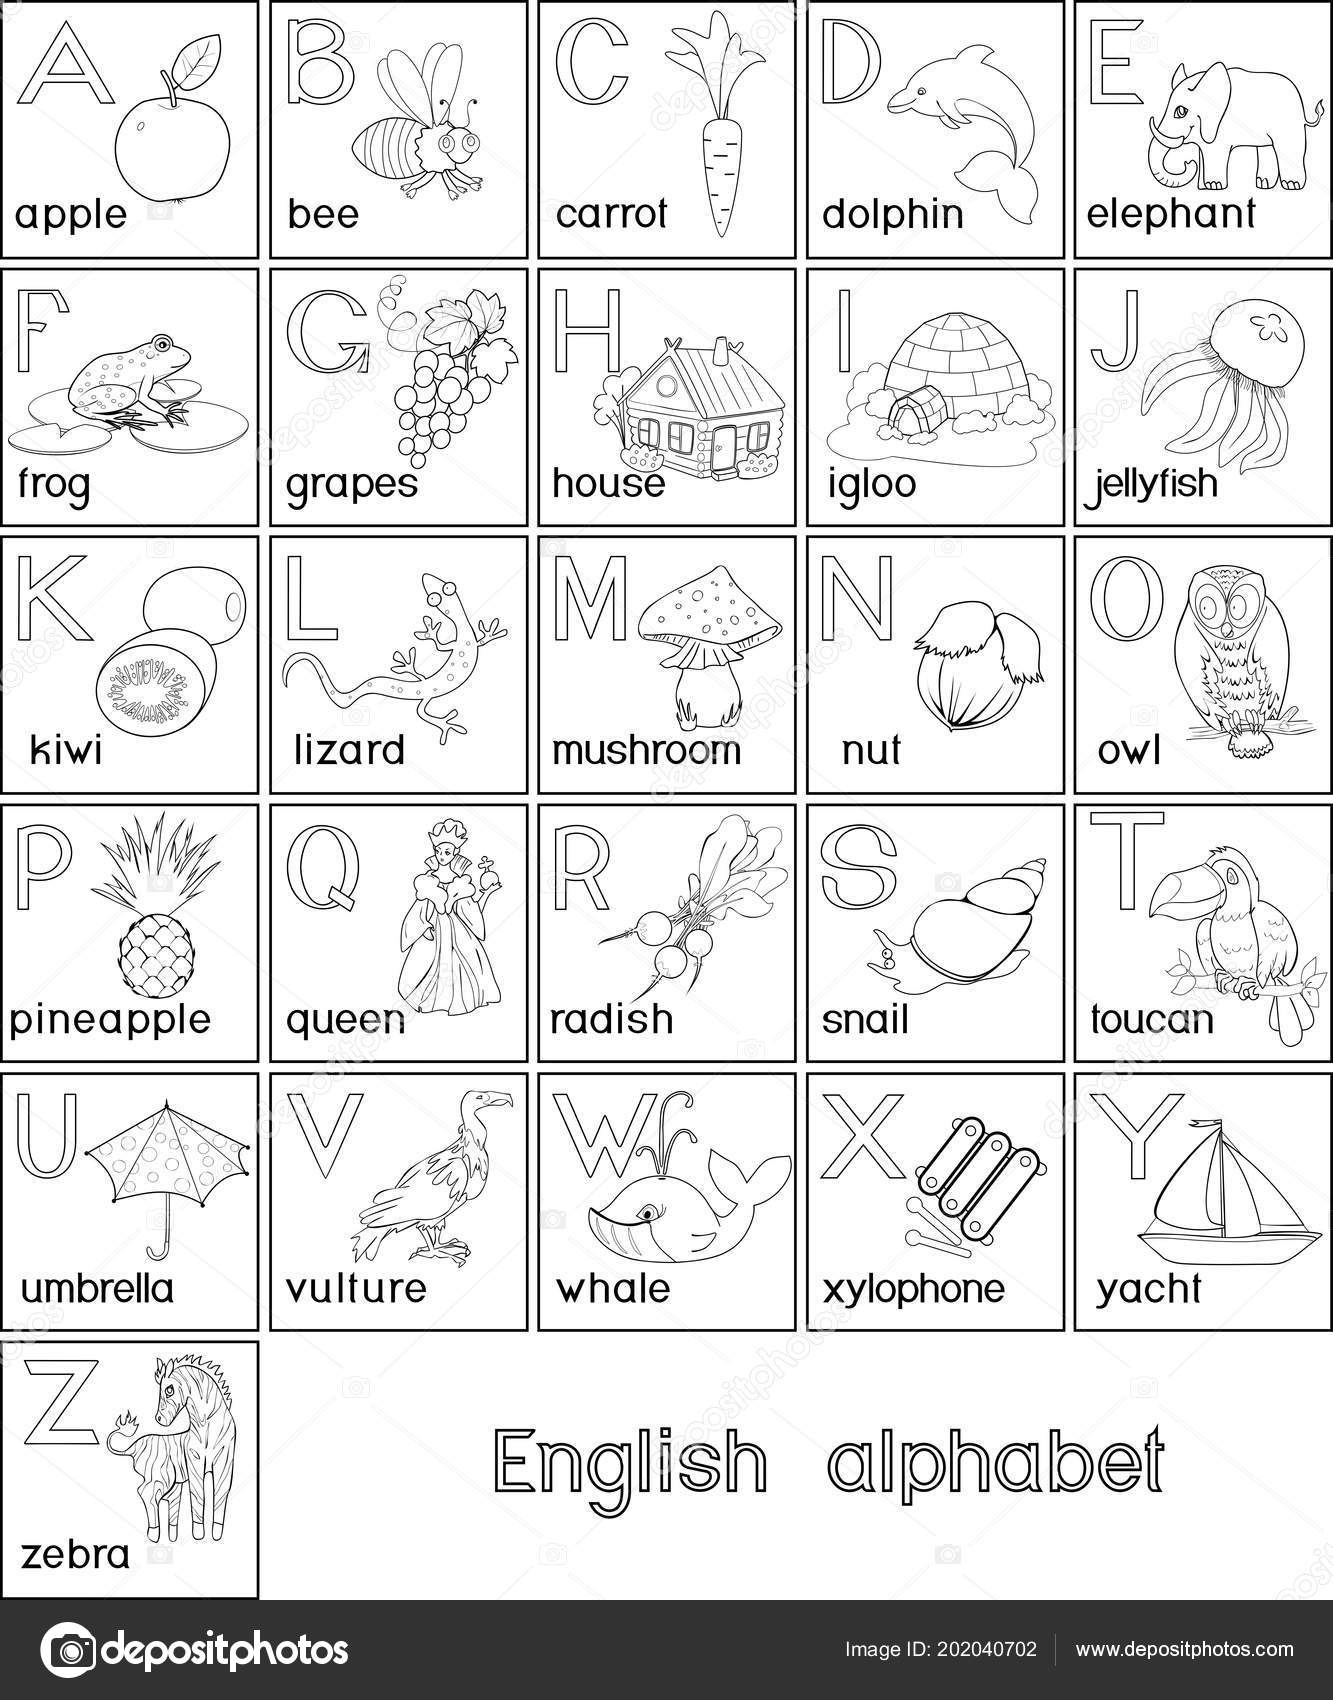 Pagina Colorare Alfabeto Inglese Con Immagini Dei Cartoni Animati